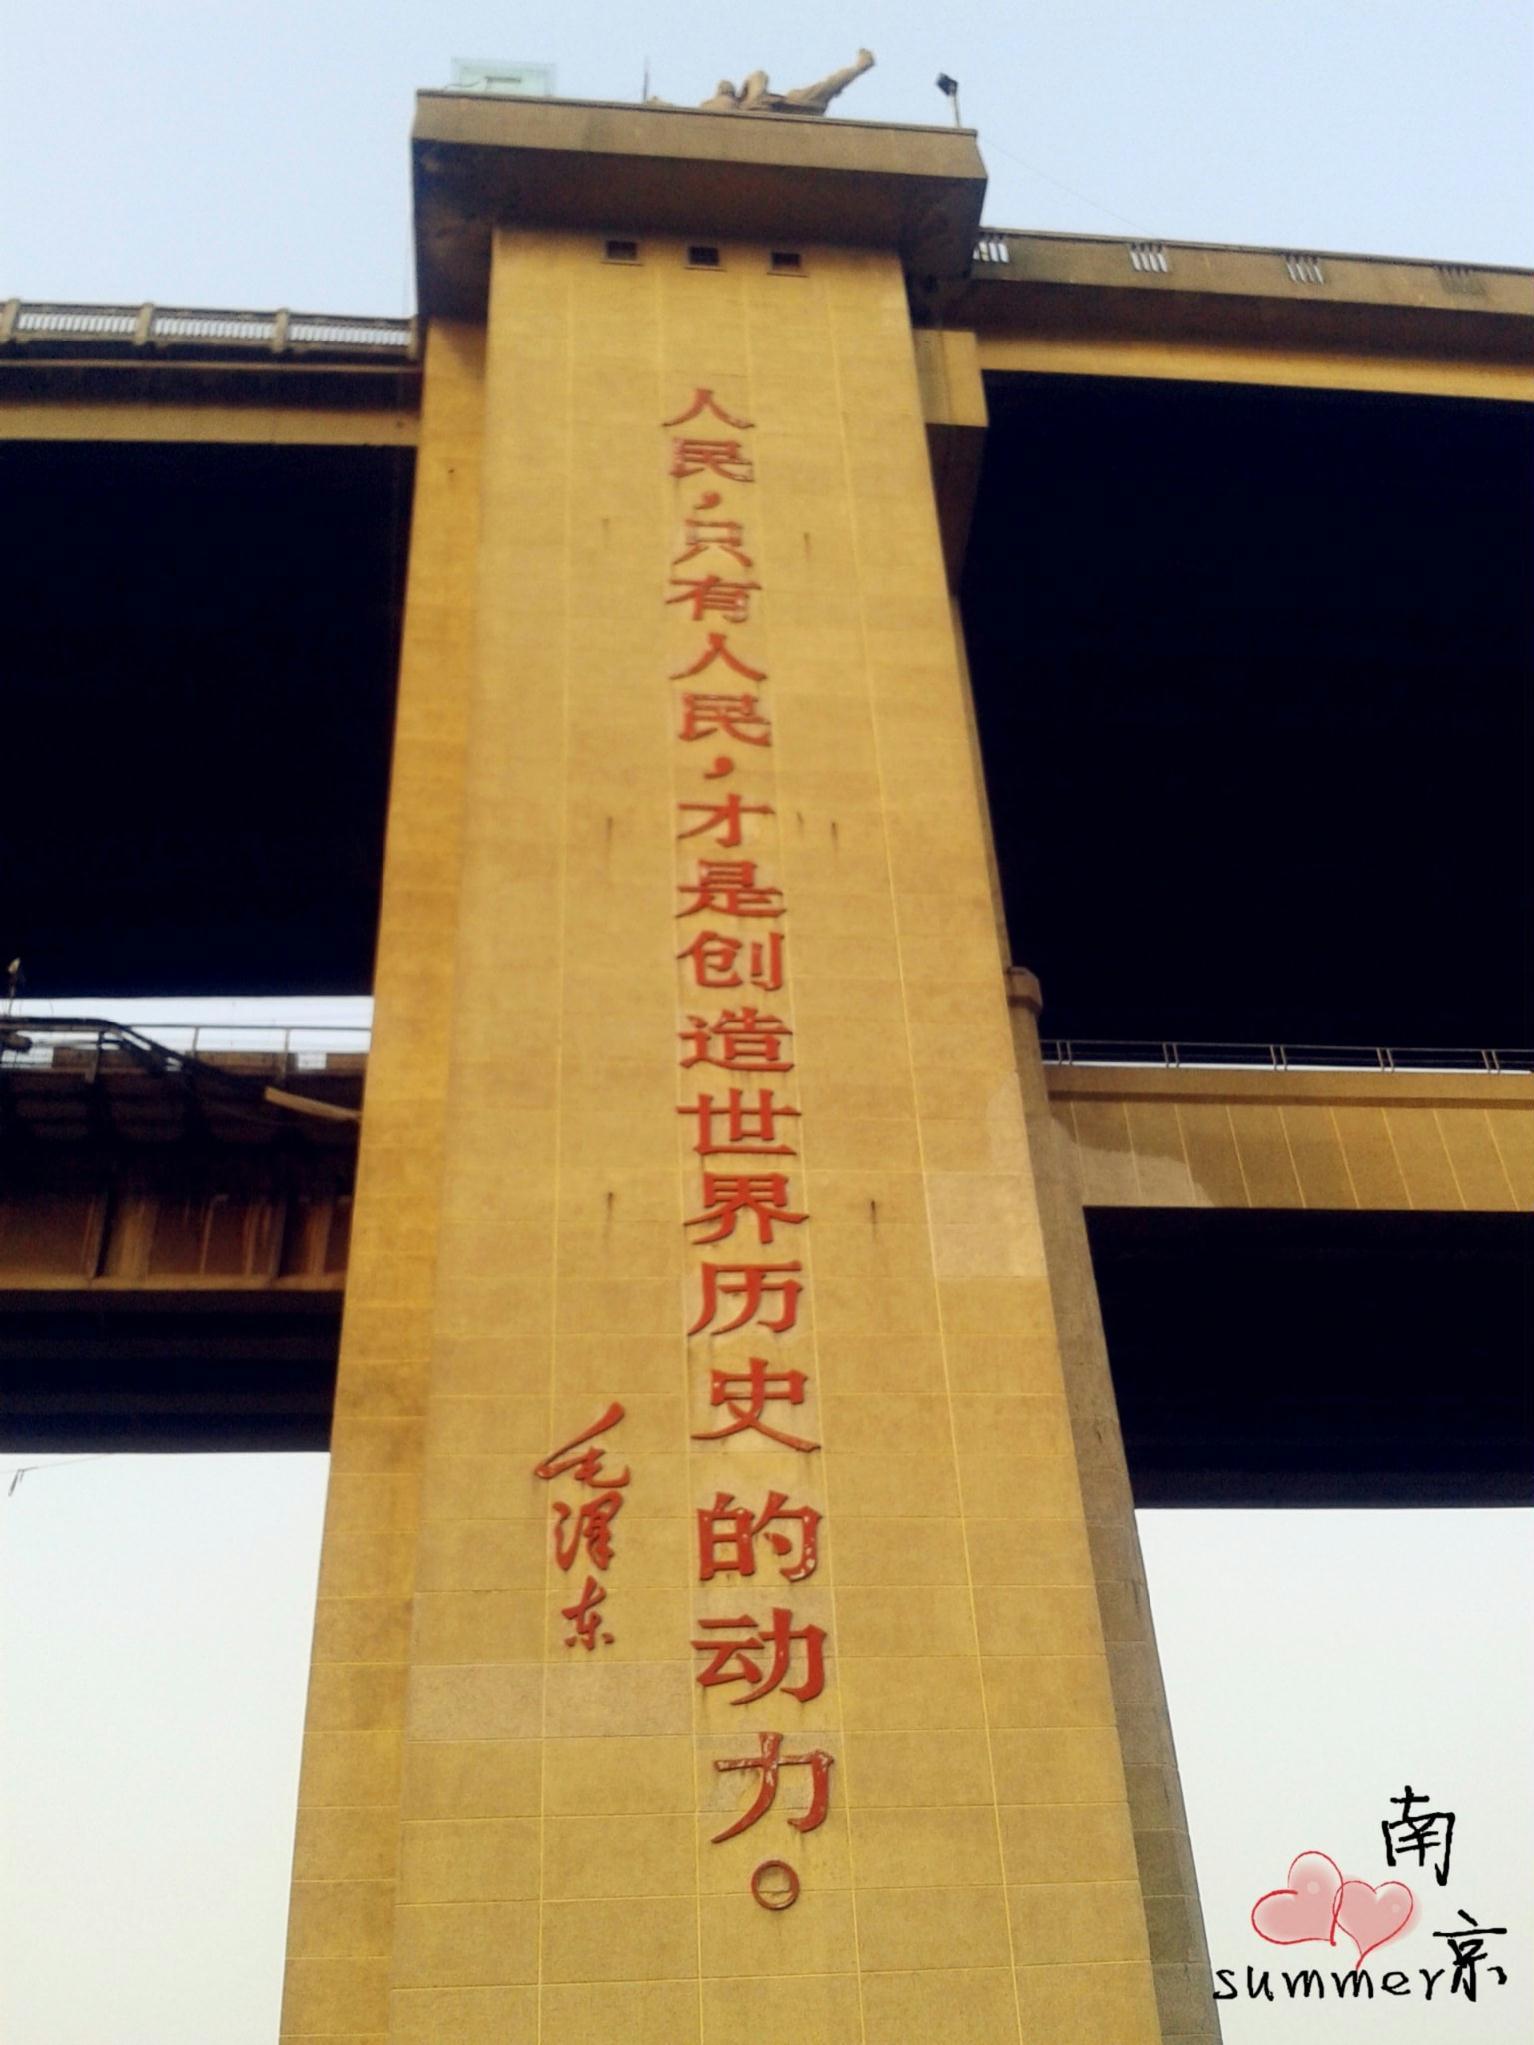 南京-黄山-宏村-西递-杭州5日自助游